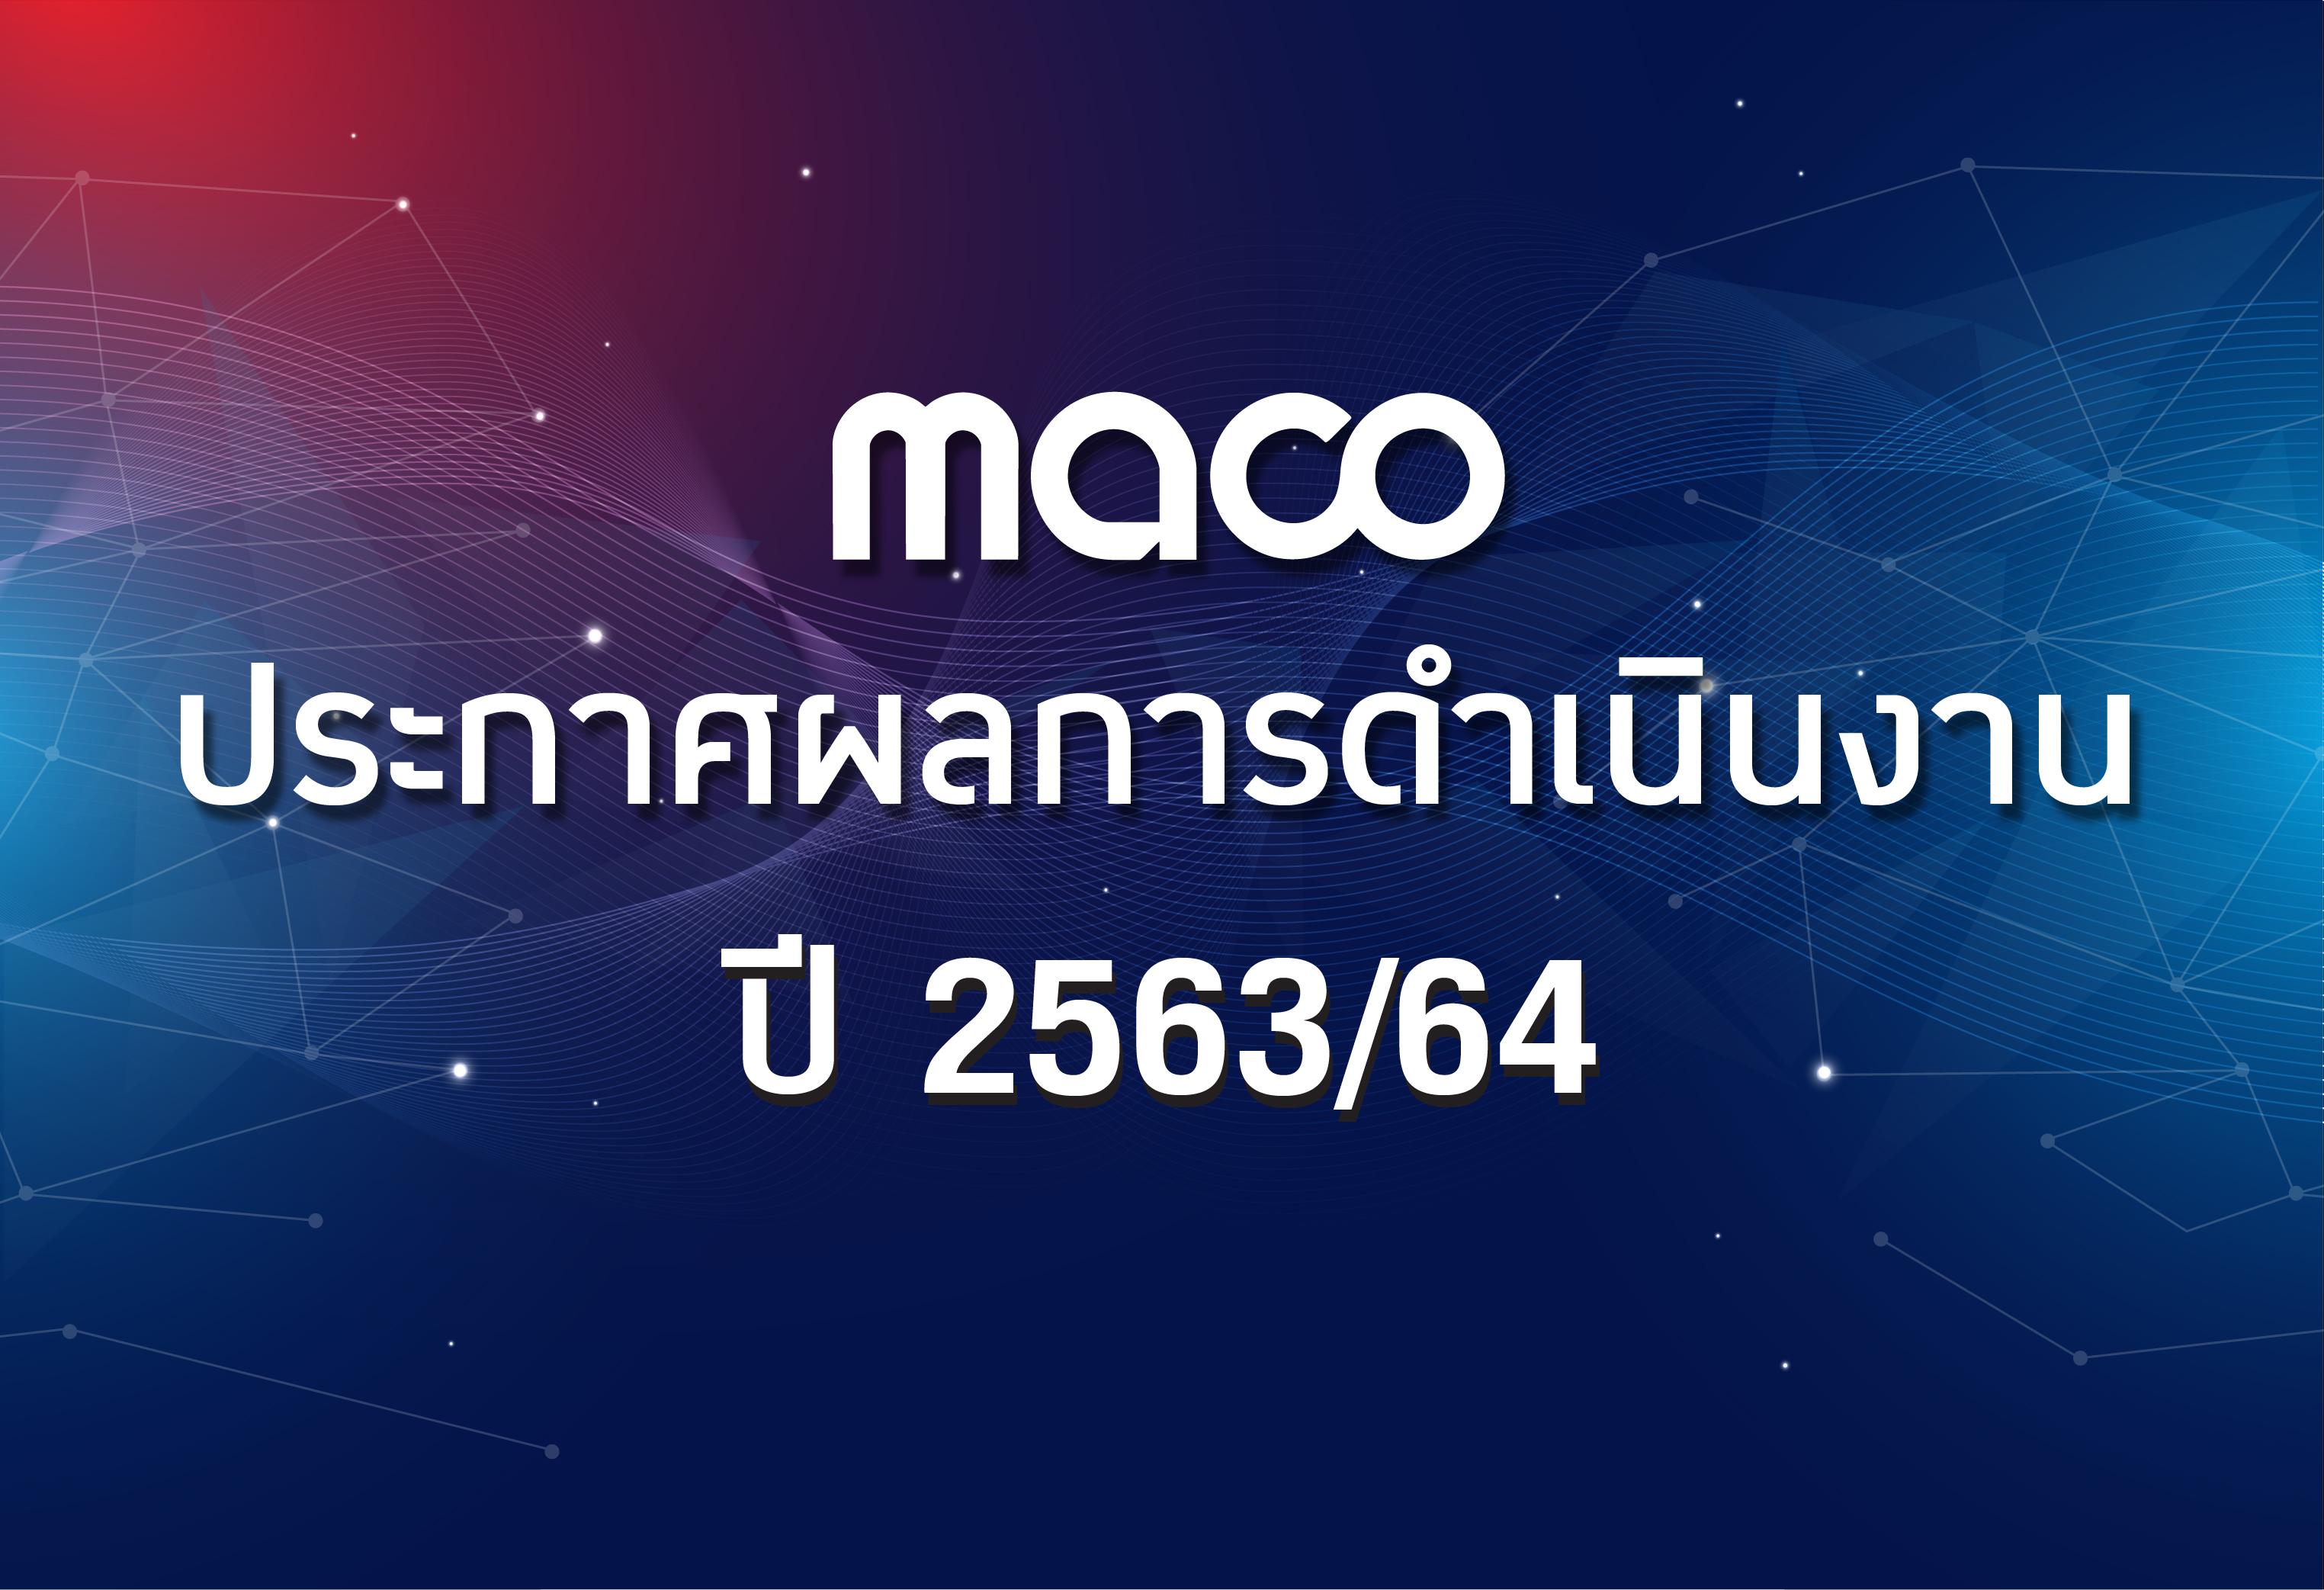 MACO เผยปี 2563/64 รับธุรกิจกระทบหนักจาก COVID-19 ทำรายได้หดตัวลง 27.7%